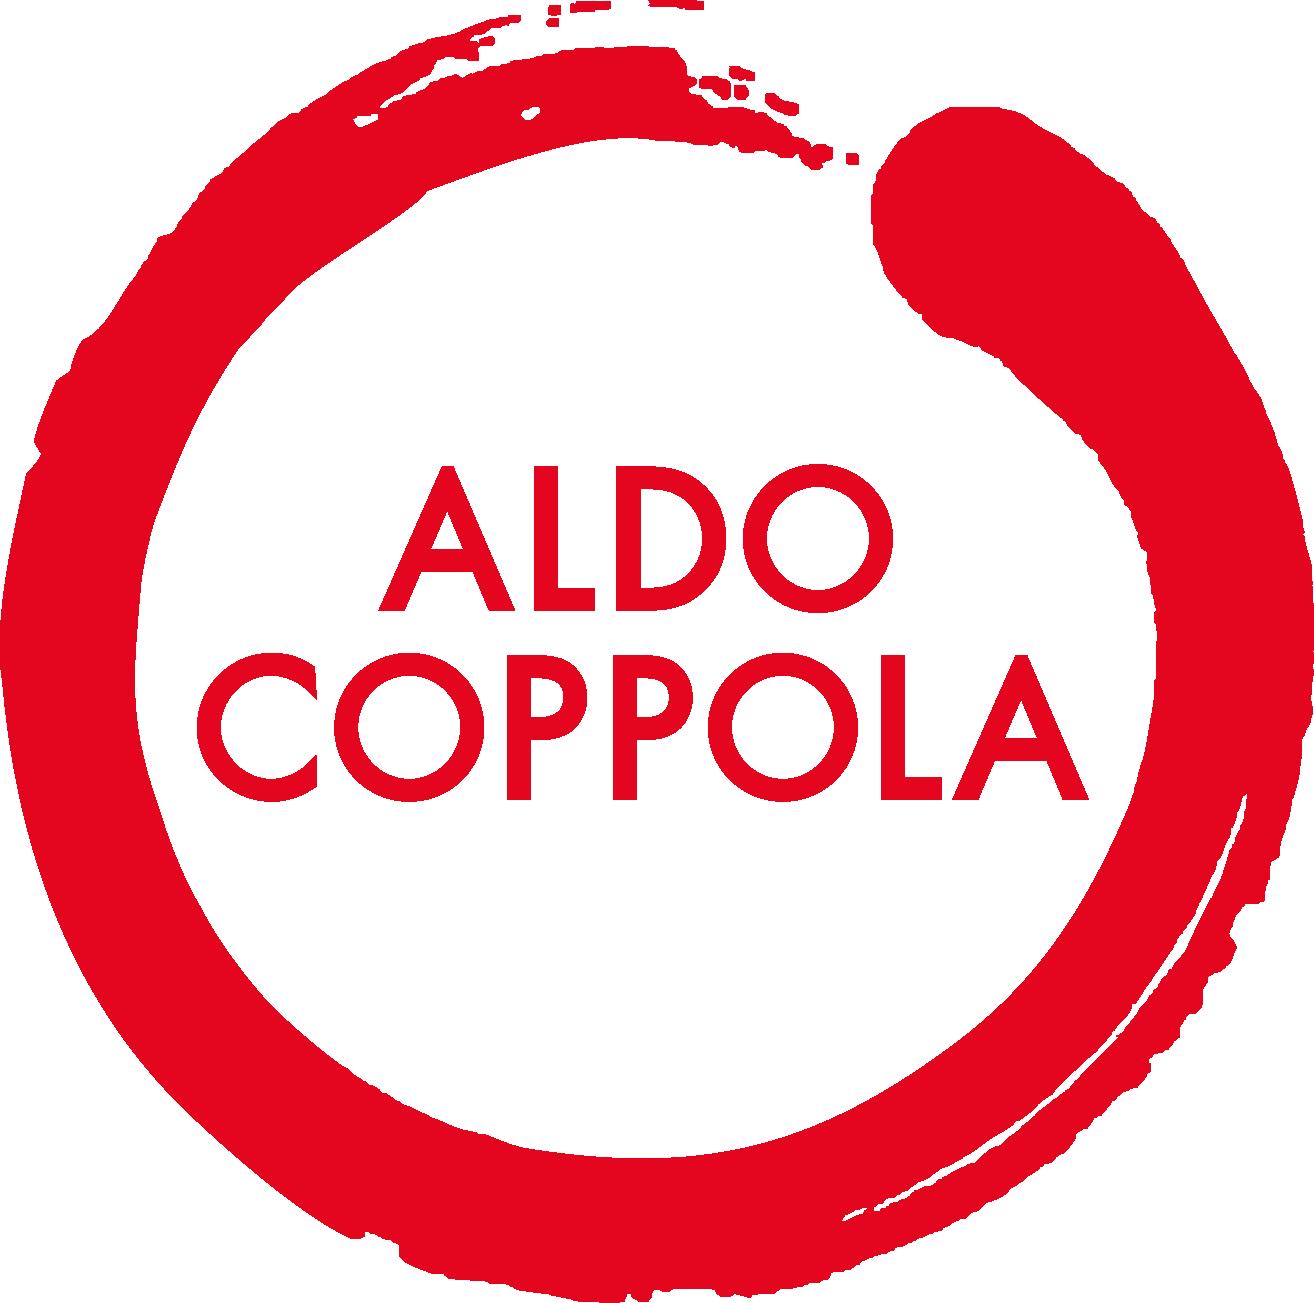 ALDO COPPOLA : The Most Exclusive  Beauty Salon in Monte-Carlo